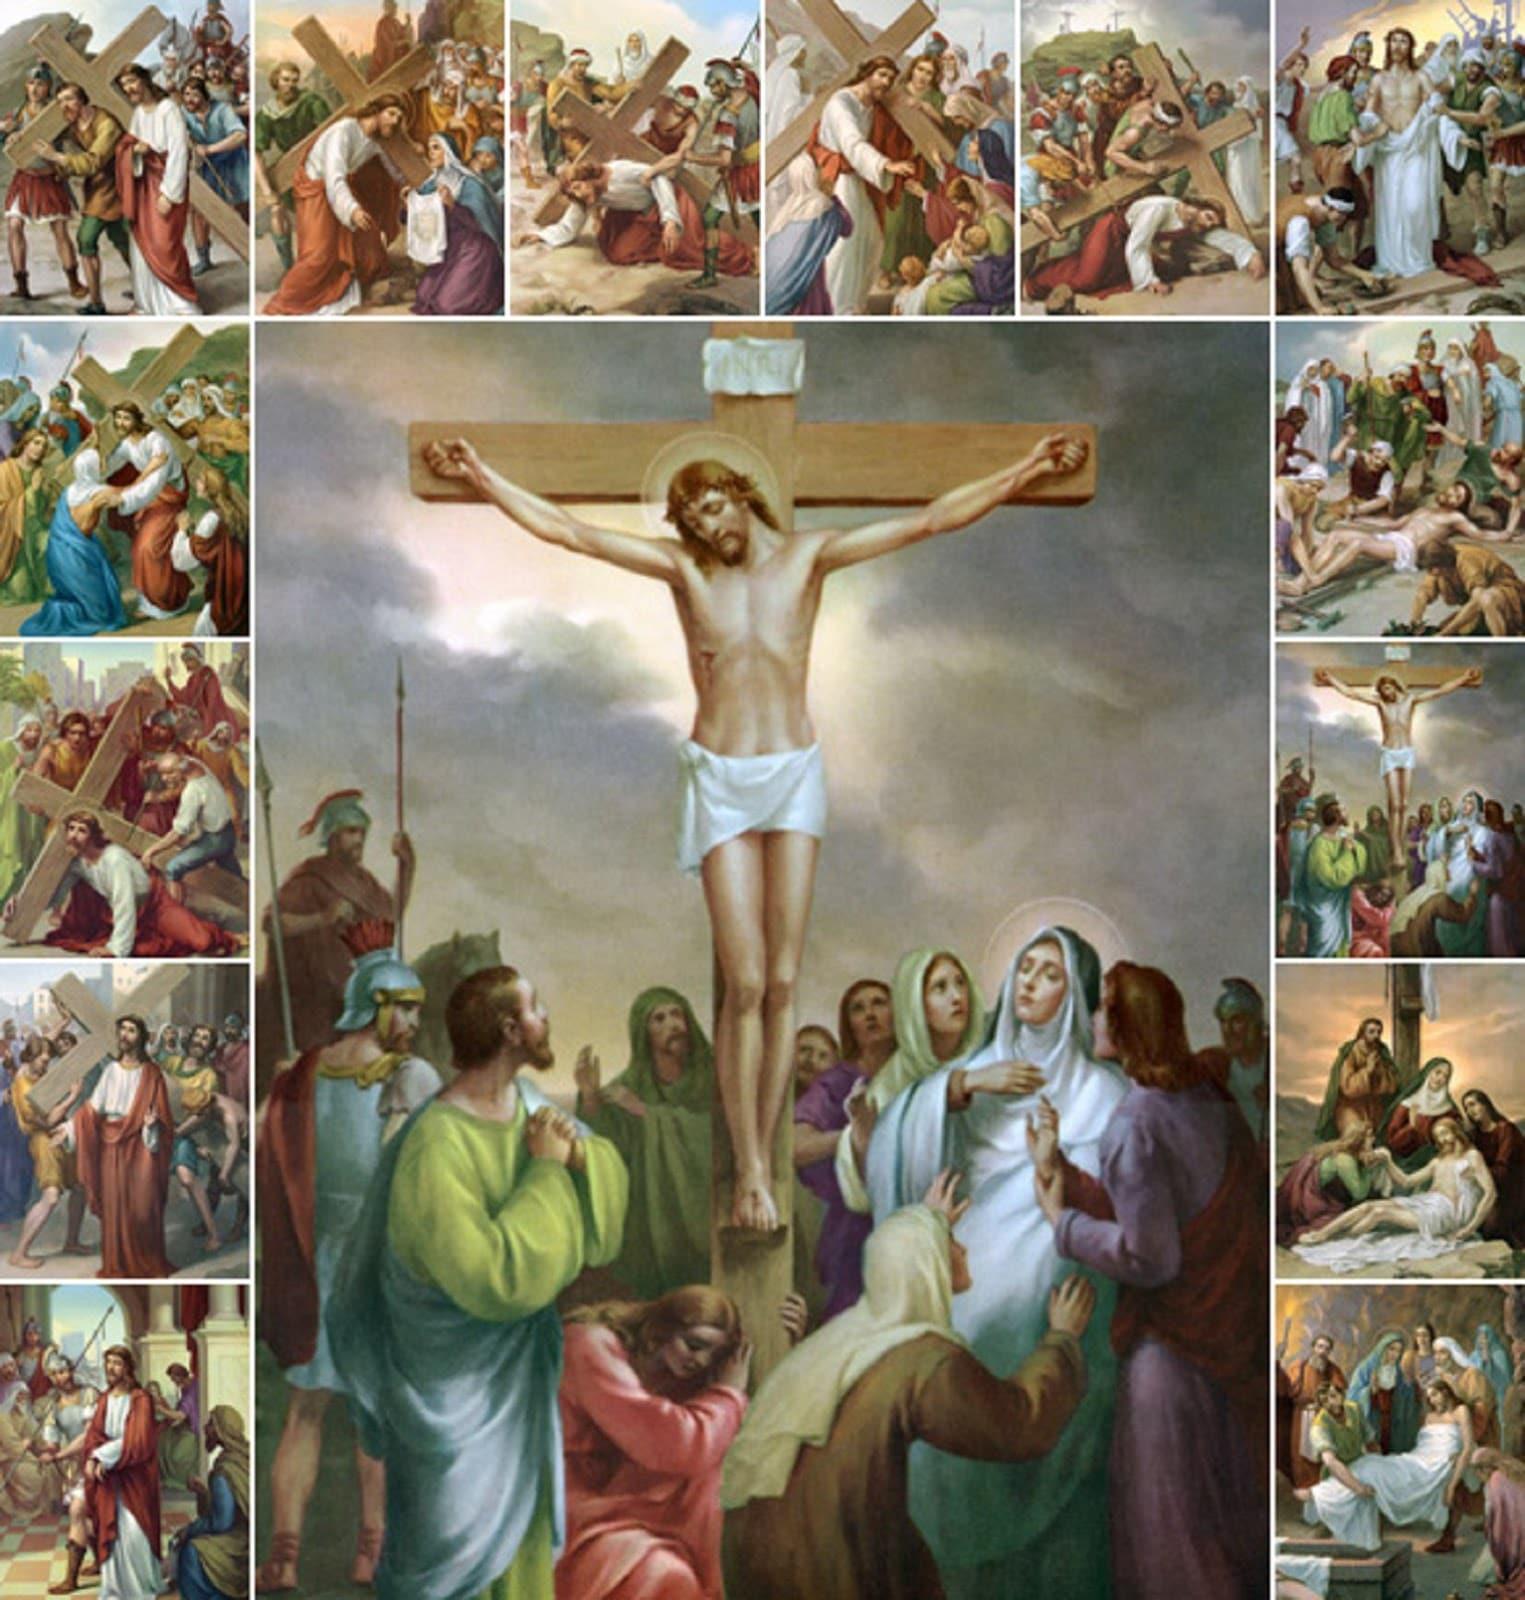 pasion-muerte-y-resurreccion-de-jesus-1